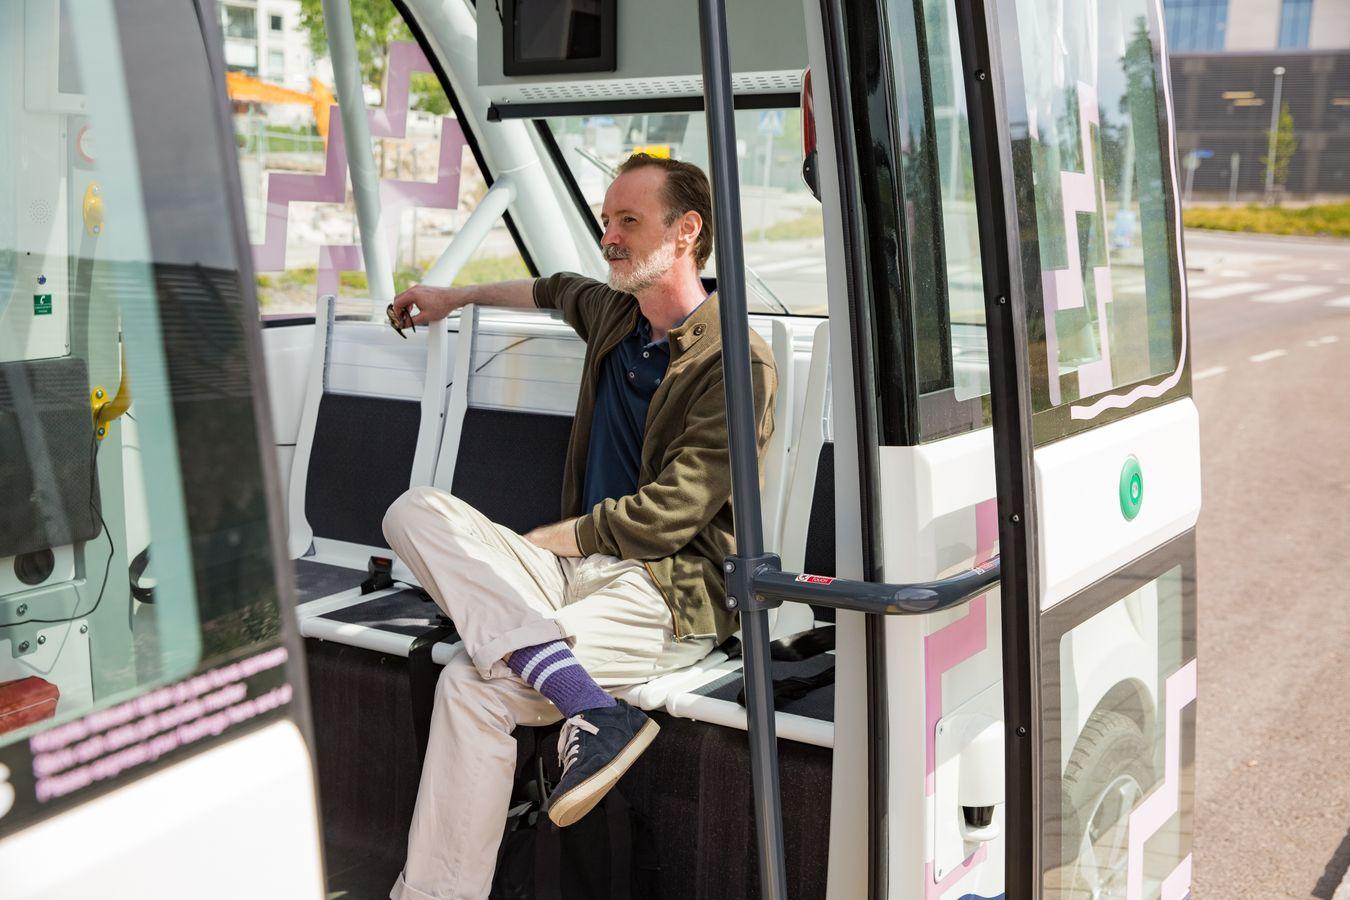 Véhicules autonomes : quels changements pour les services de mobilité urbaine ?